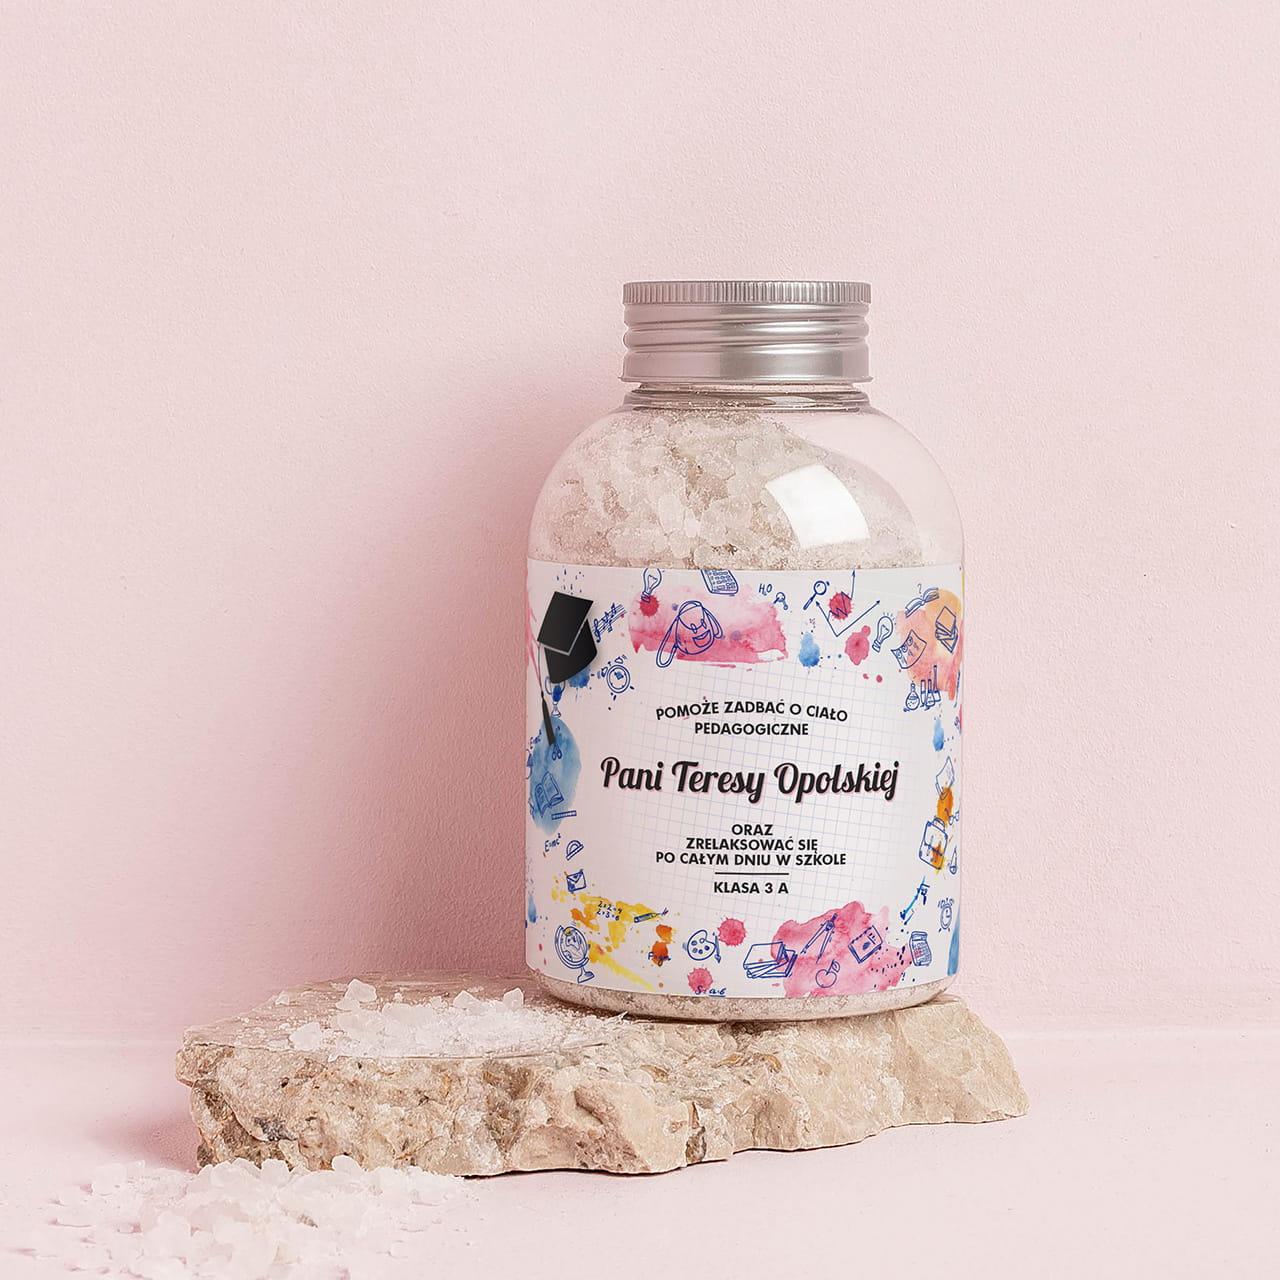 Sól do kąpieli na prezent na Dzień Nauczyciela